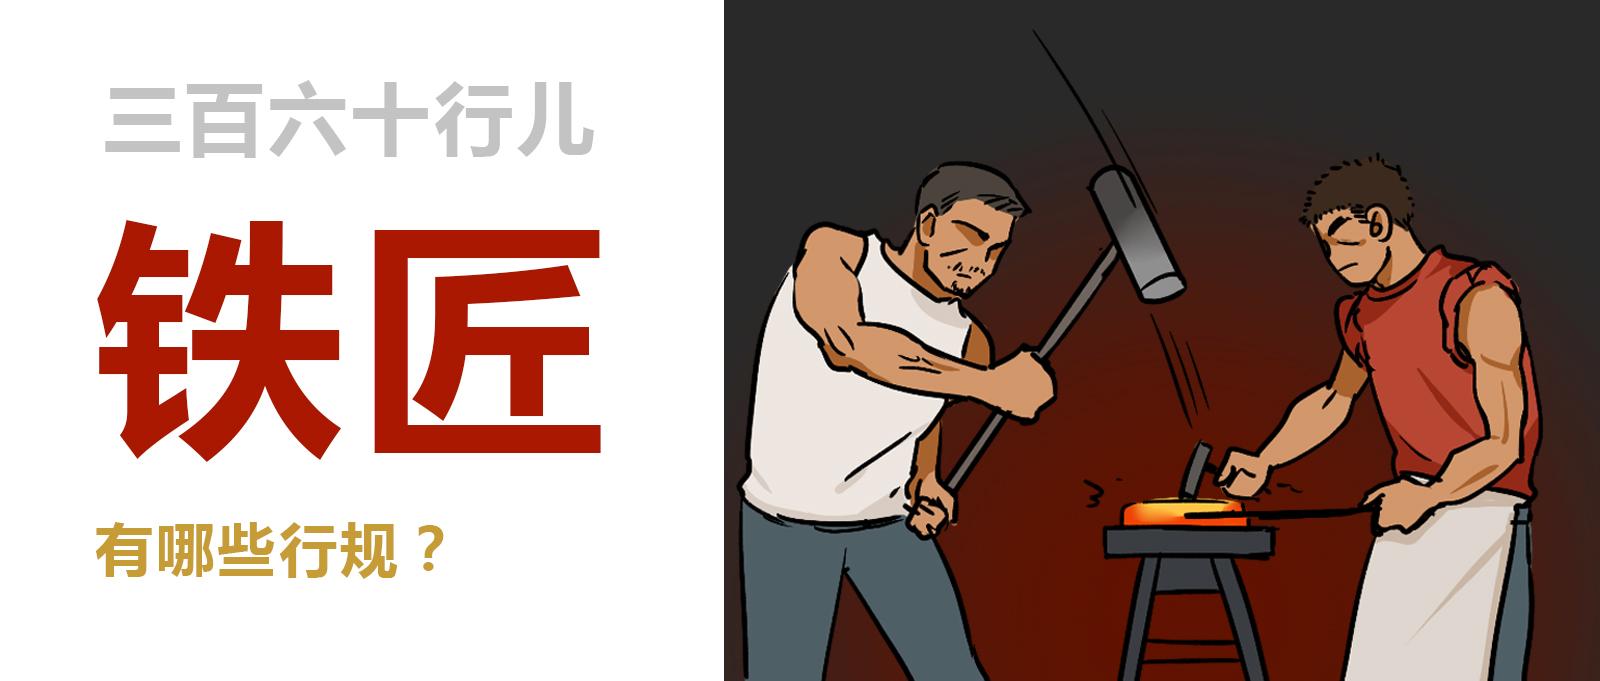 【行规】三百六十行之铁匠